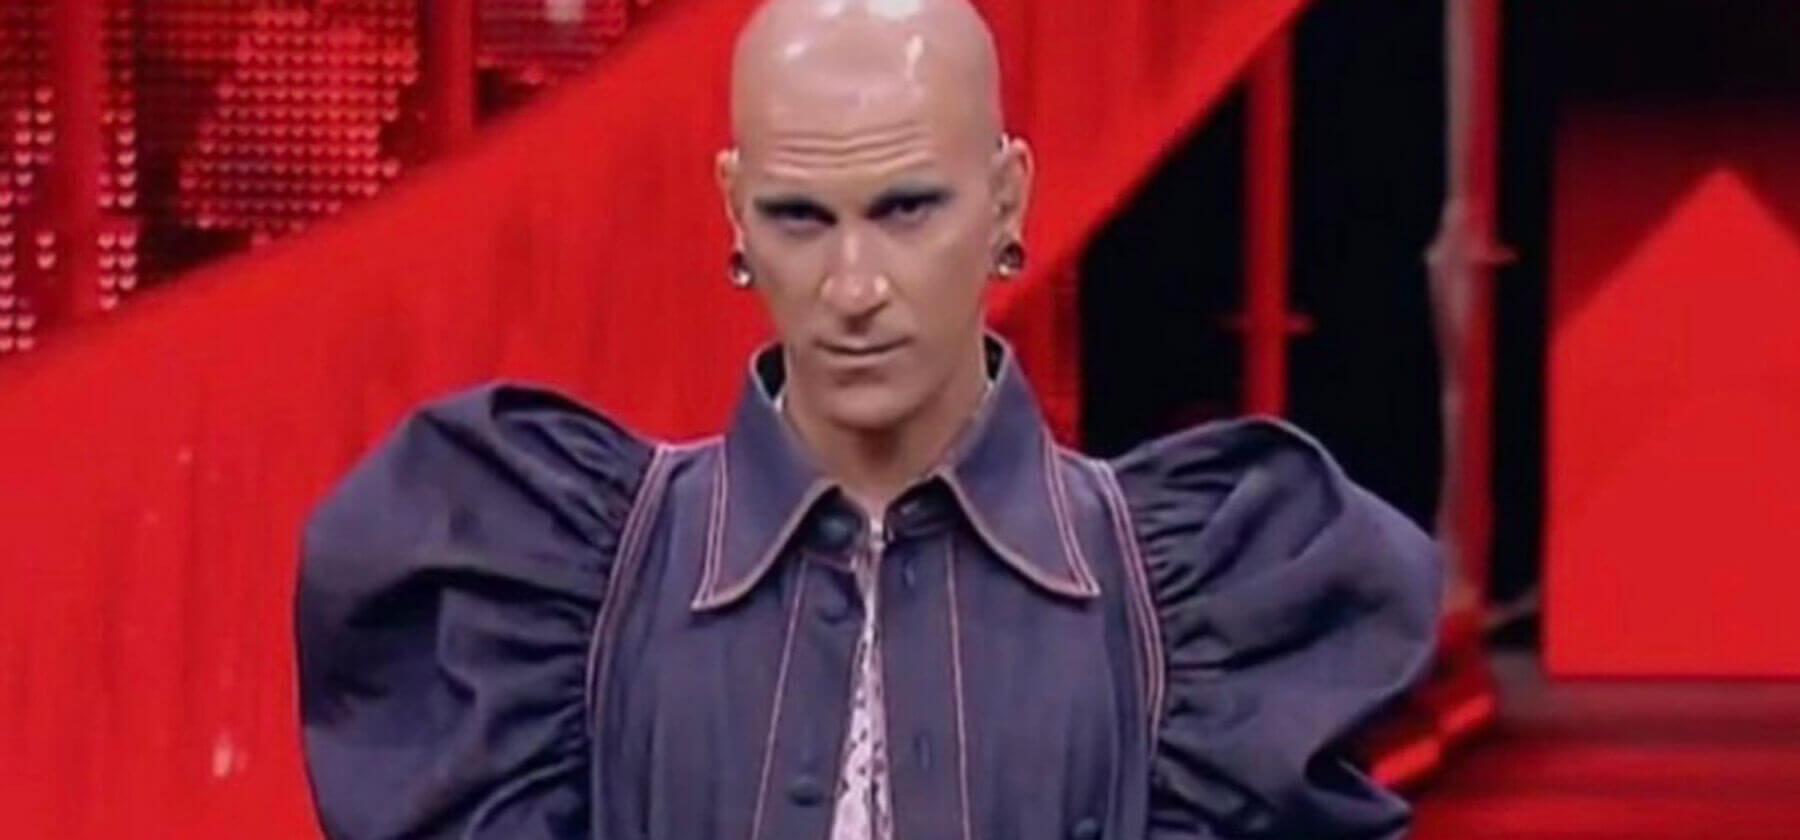 Chi è Erio X Factor 2021? Biografia, Età, Instagram e Inedito Amore Vero